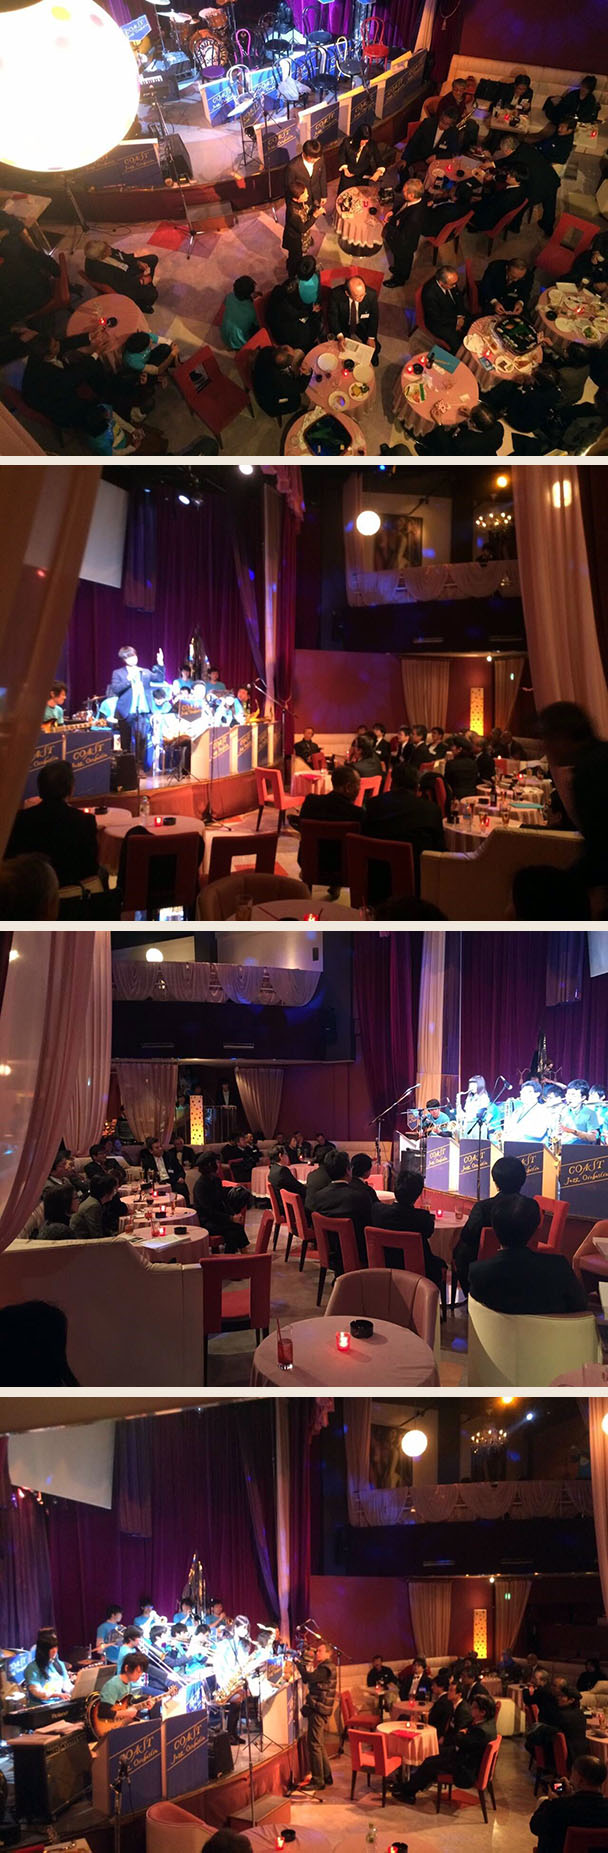 文化部会コーストジャズオーケストラ部OB会「創立50周年記念パーティー」